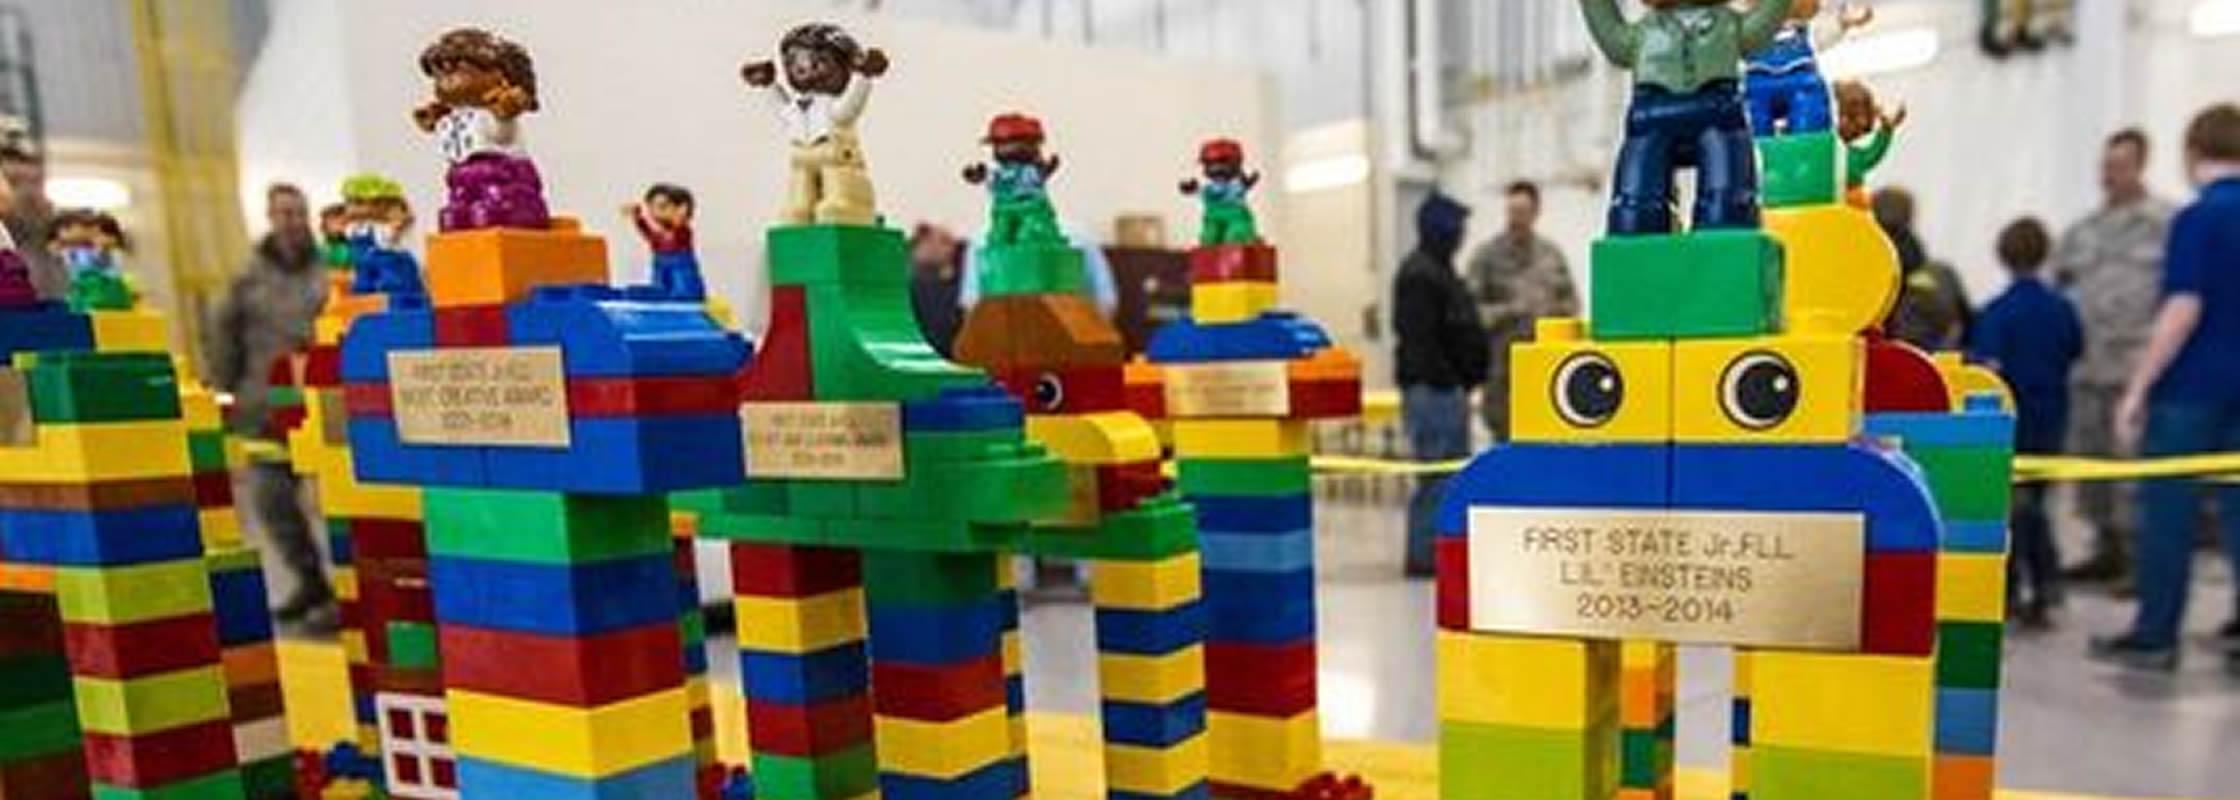 Lego Trophies